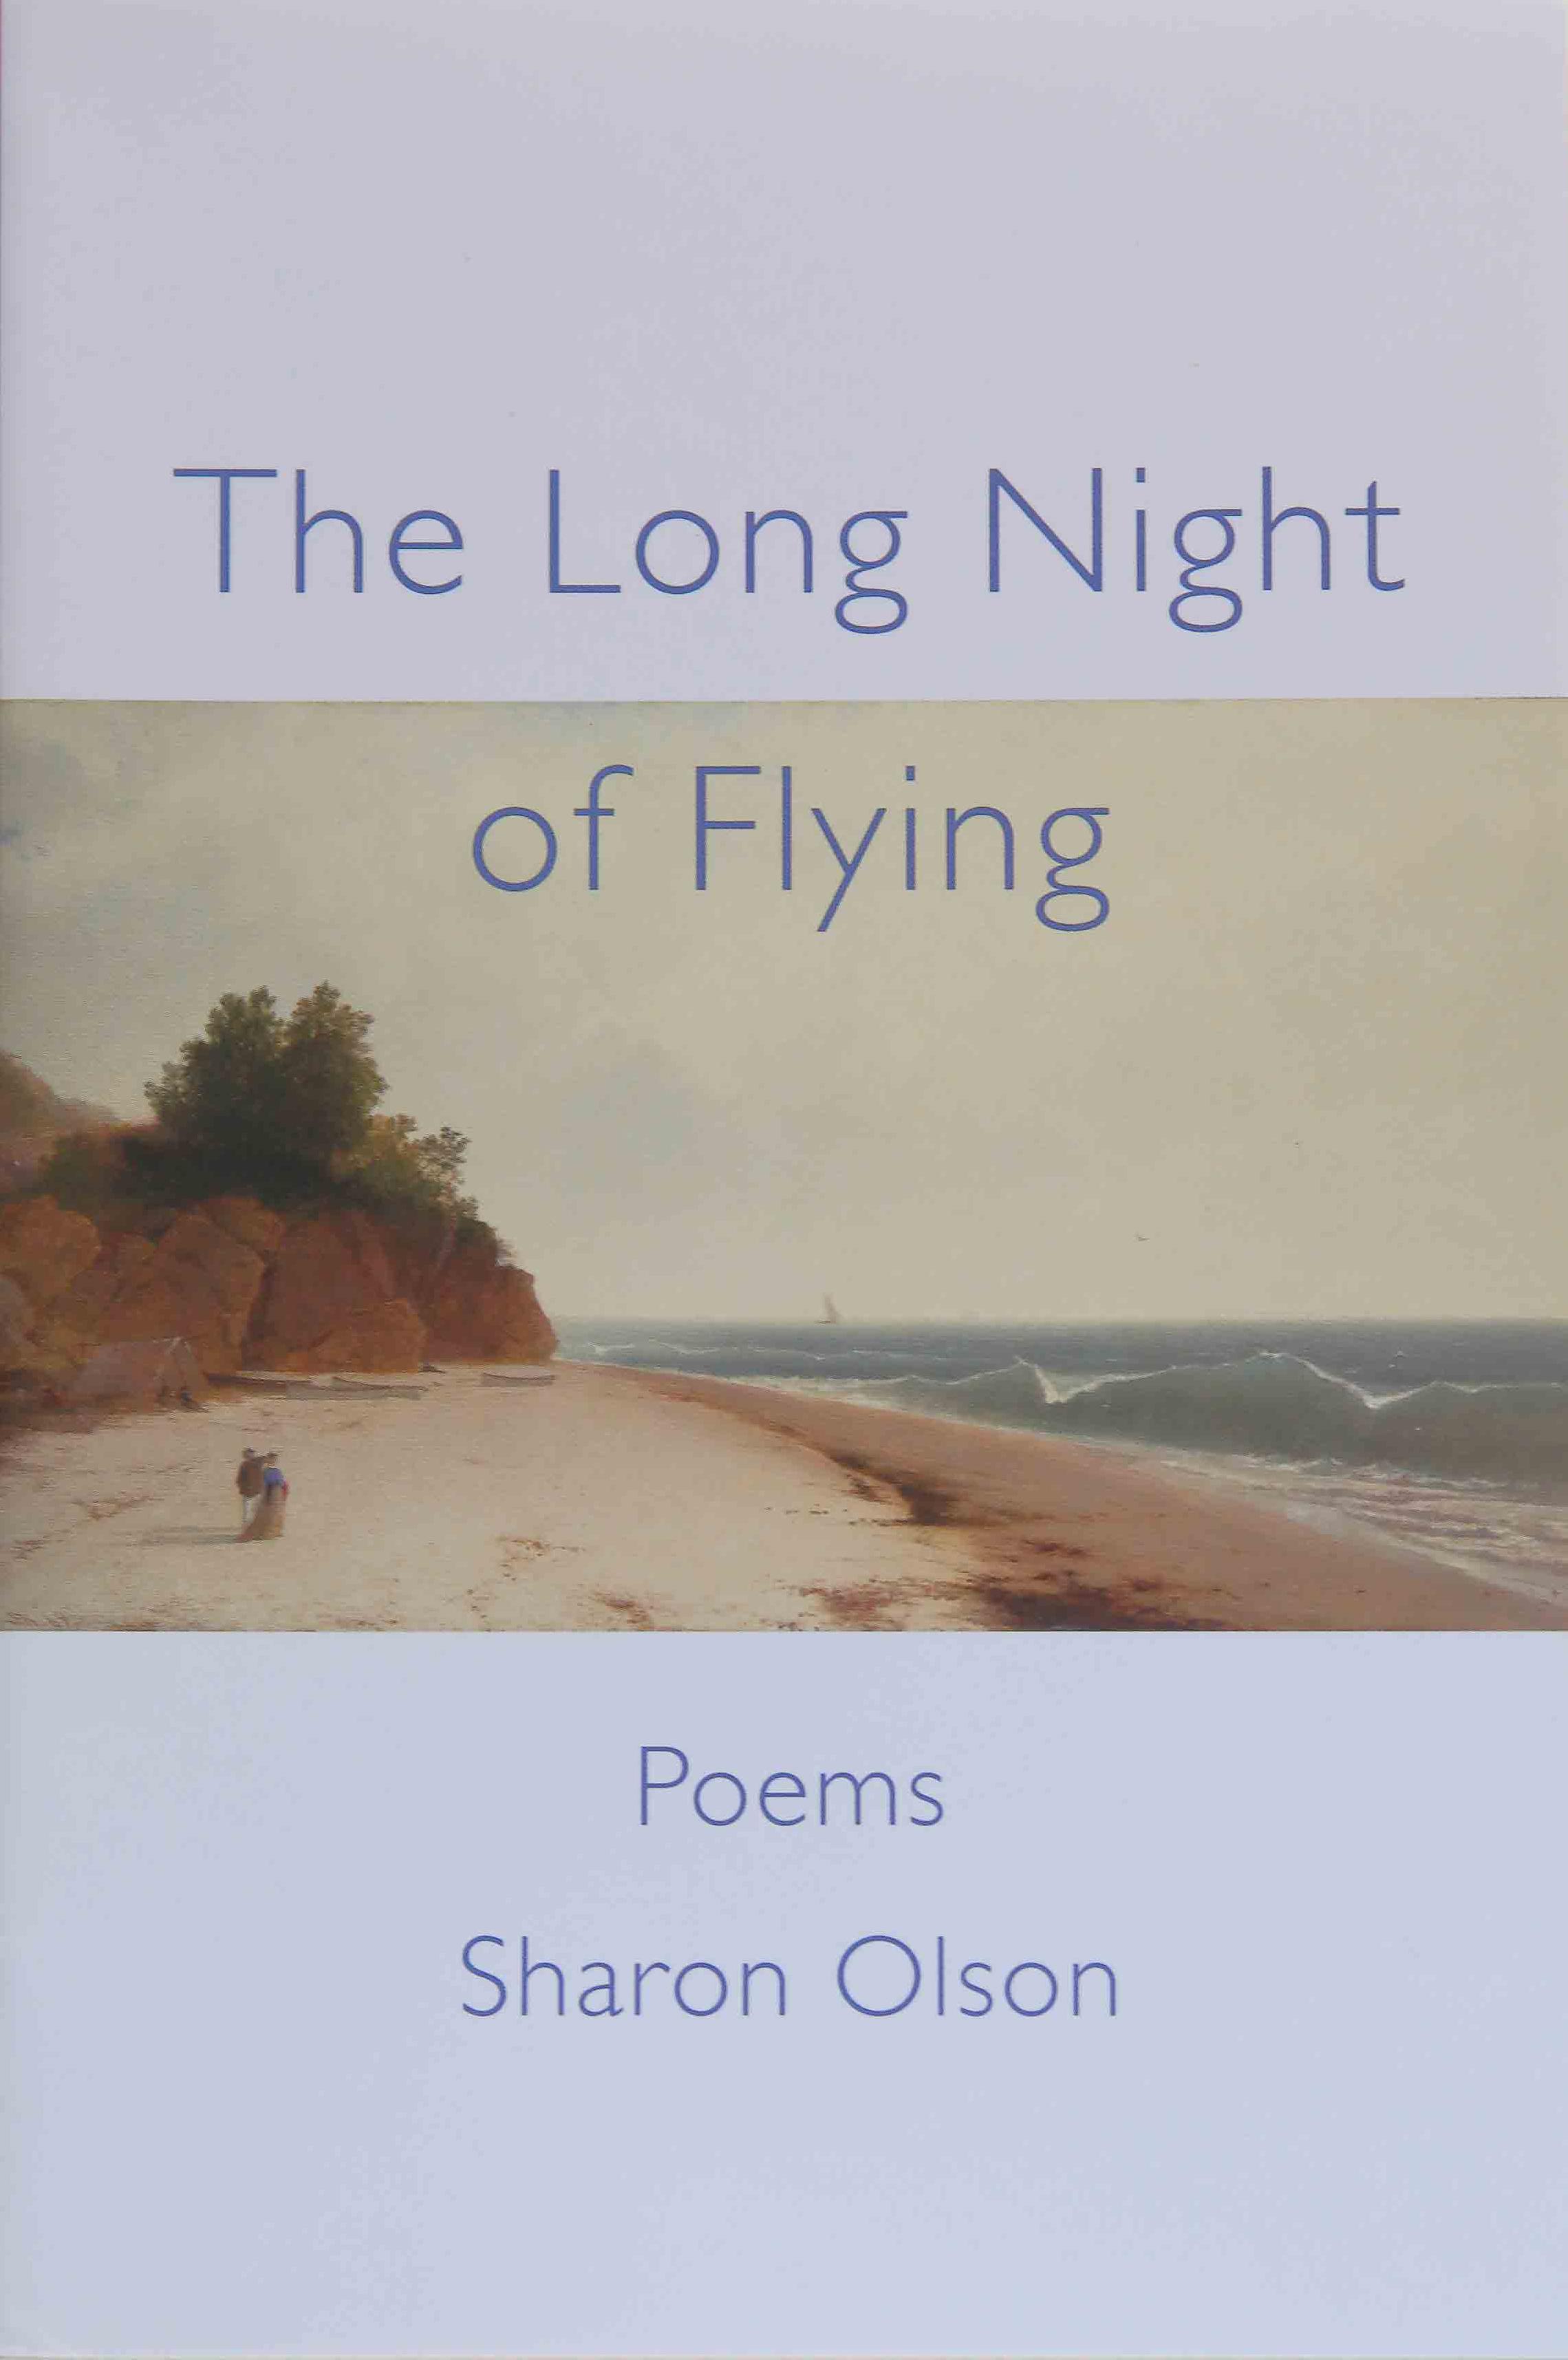 long night of flying